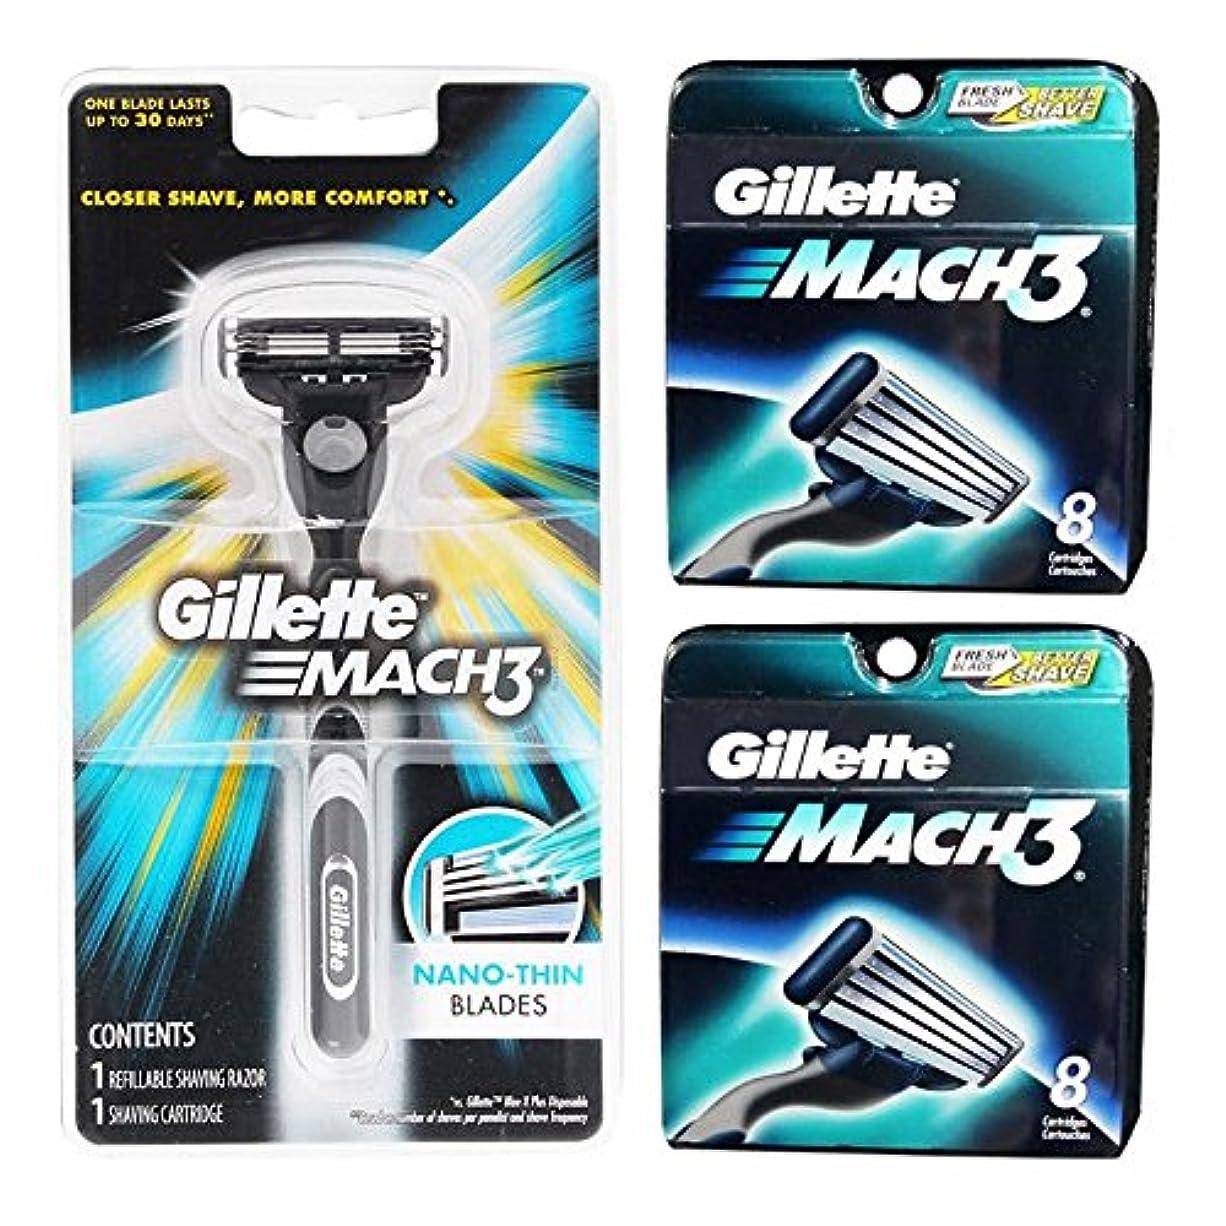 衣類石炭悲しみGillette MACH3 1 Razor + 16 Cartridges Refills Blade ダイヤモンドのようなコートド [並行輸入品]